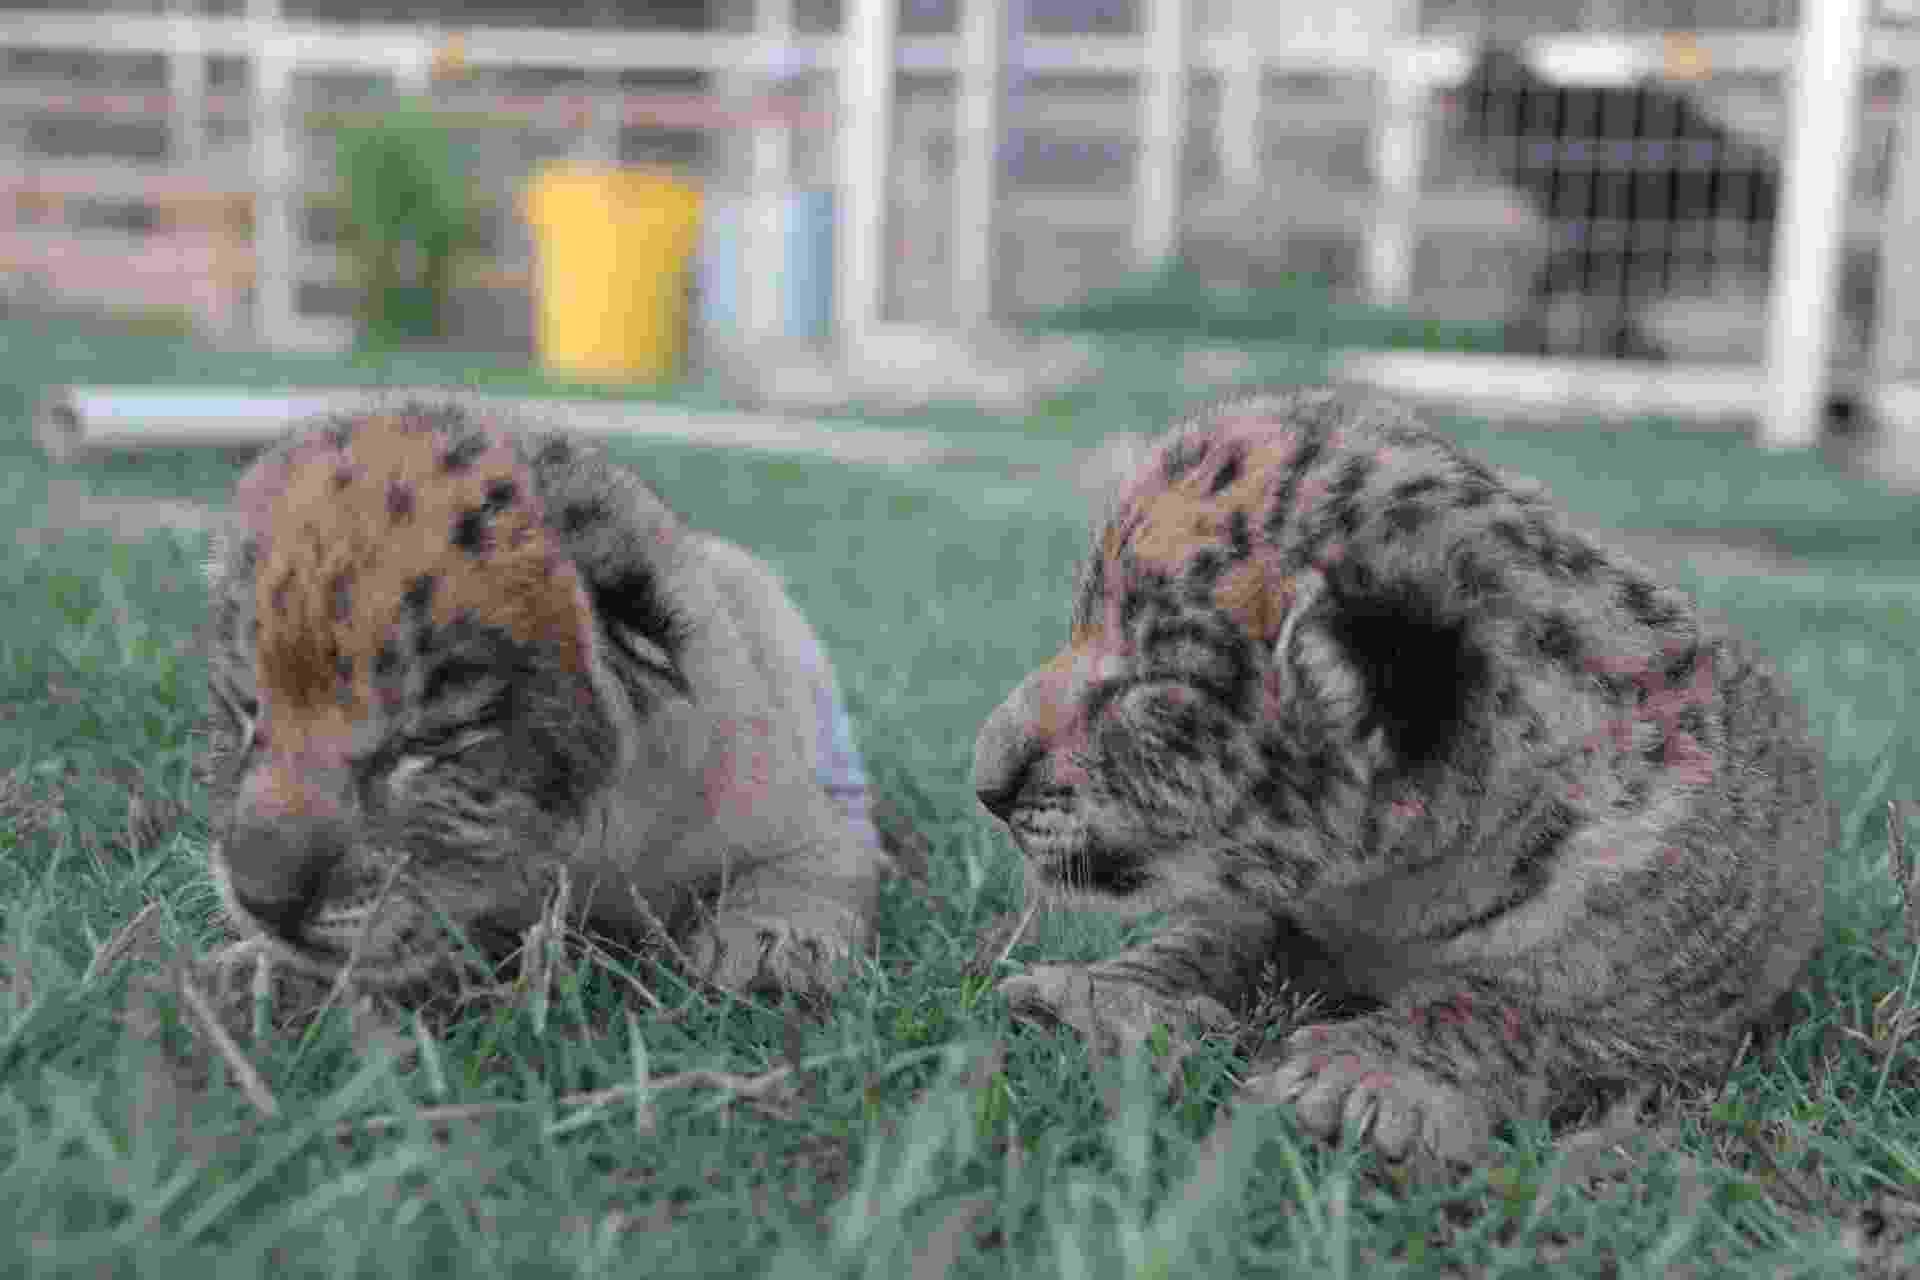 16.jun.2014 - Dois filhotes de liligres nascidos em um zoológico particular em Oklahoma, nos Estados Unidos, são uma excessão à regra de que animais híbridos não são capazes de se repoduzir. Eles são fruto do cruzamento entre o leão Simba e a ligre (híbrida de uma tigre e uma leoa) Akara e nasceram saudáveis no dia 31 de maio deste ano - Divulgação/ The JW Zoo